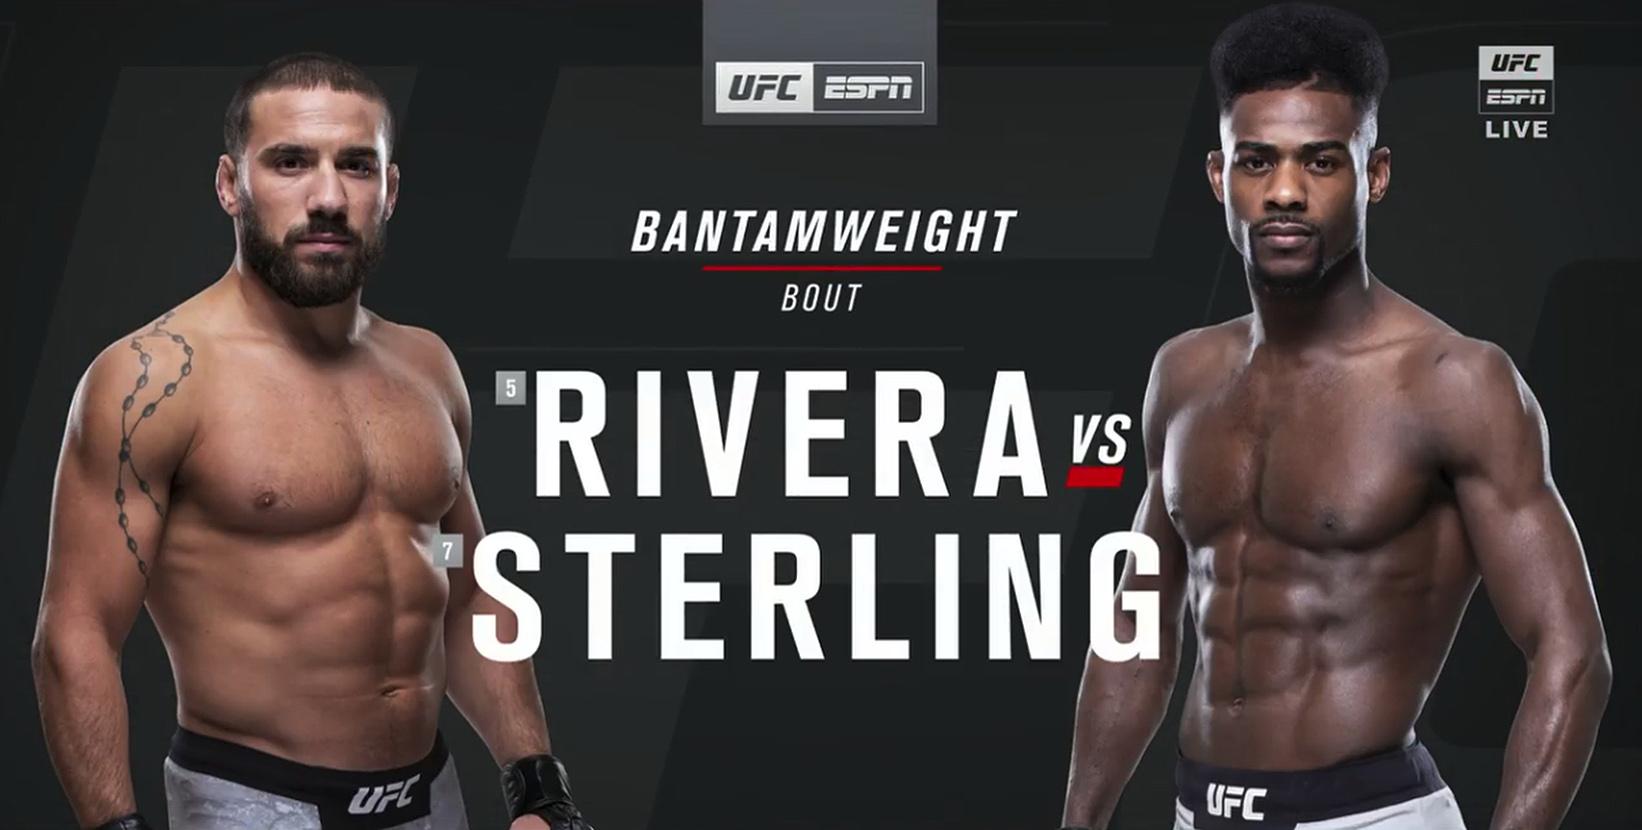 NCS_UFC-ESPN_0025